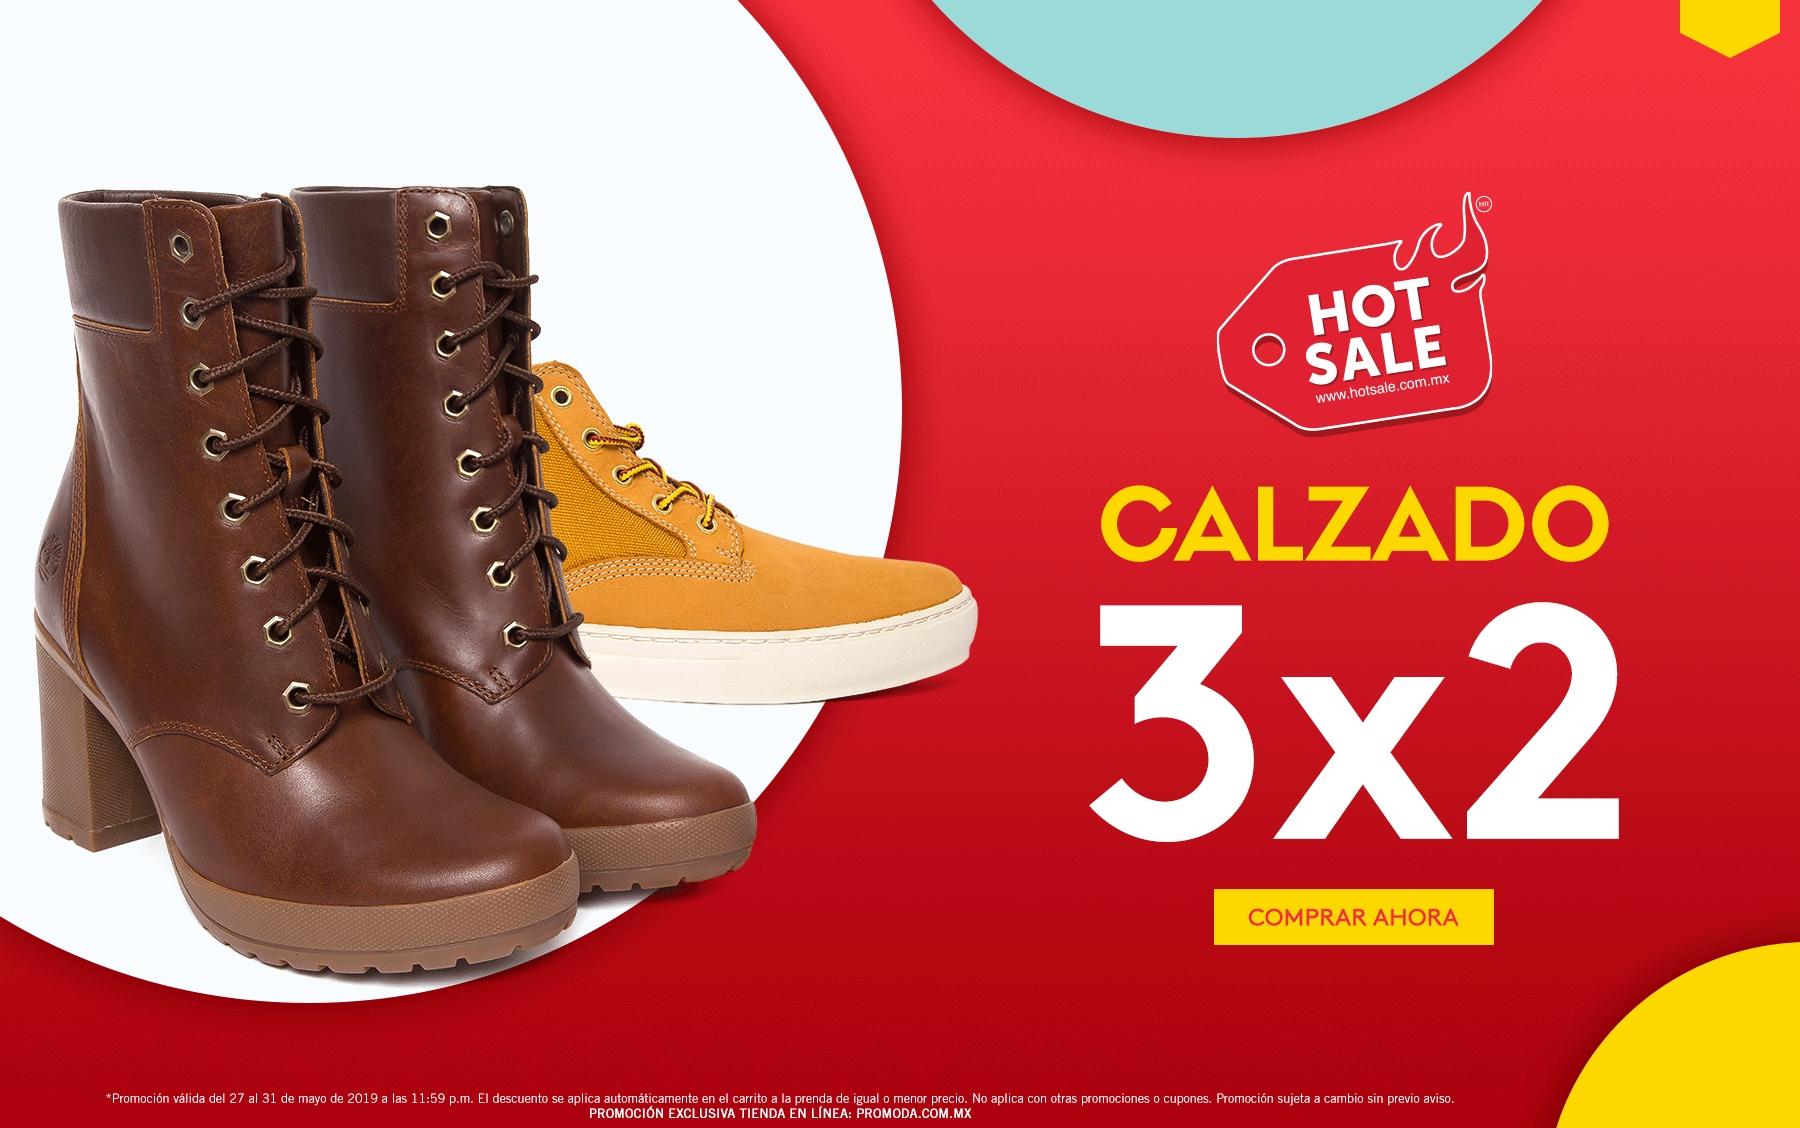 Promoda Outlet: Hot Sale 2019: 3 x 2 en calzado... Descuentos escalonados del 20% al 45%